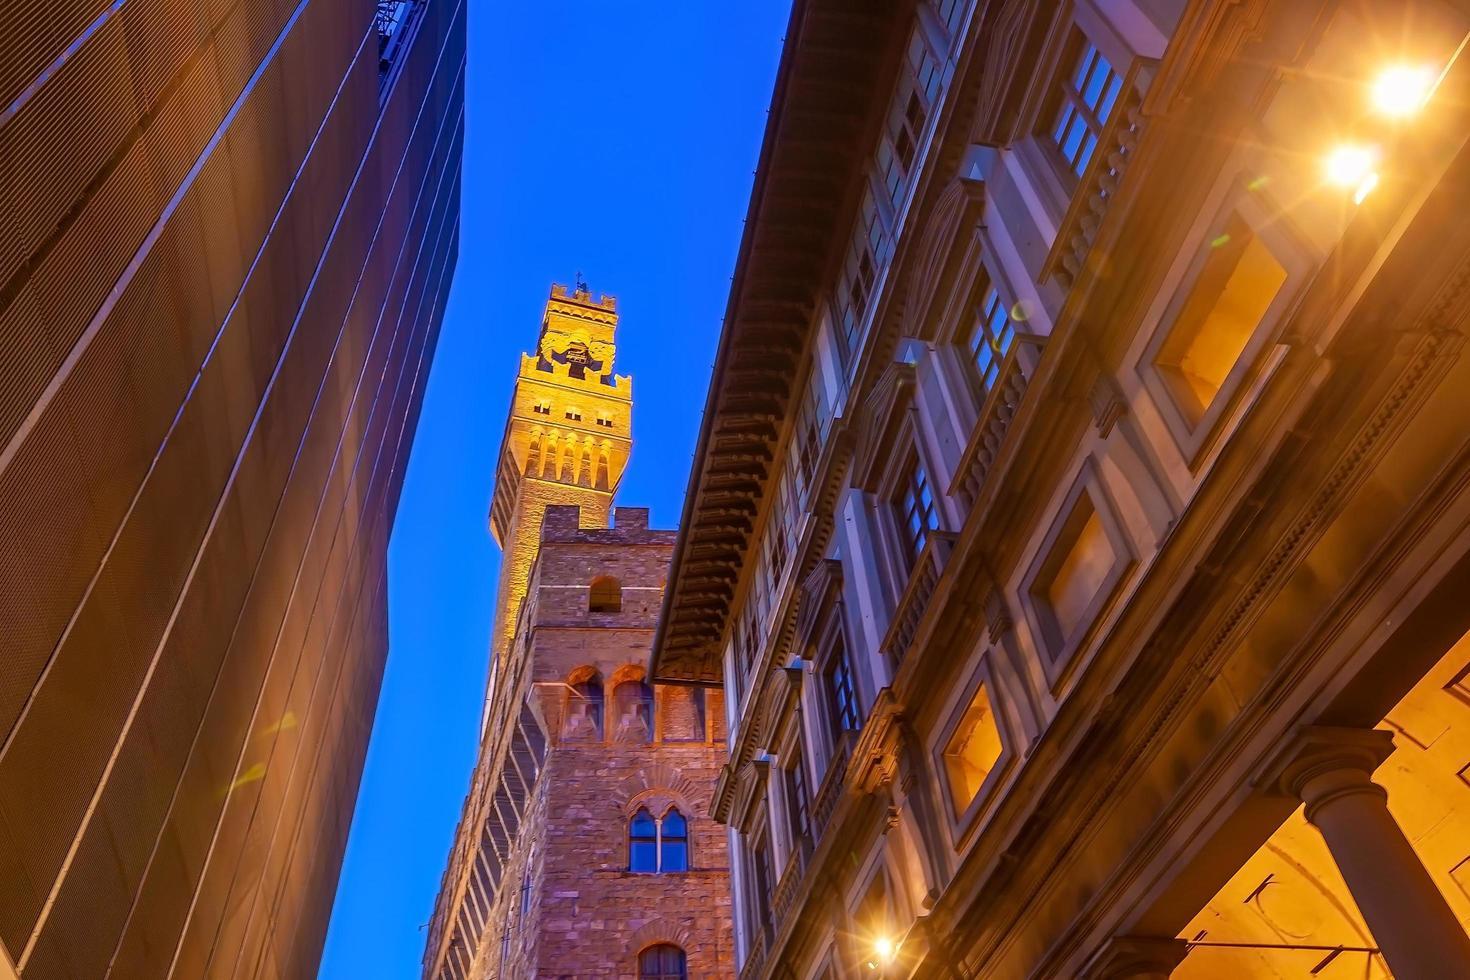 Palazzo vecchio en el centro de la ciudad de Florencia en Toscana Italia foto